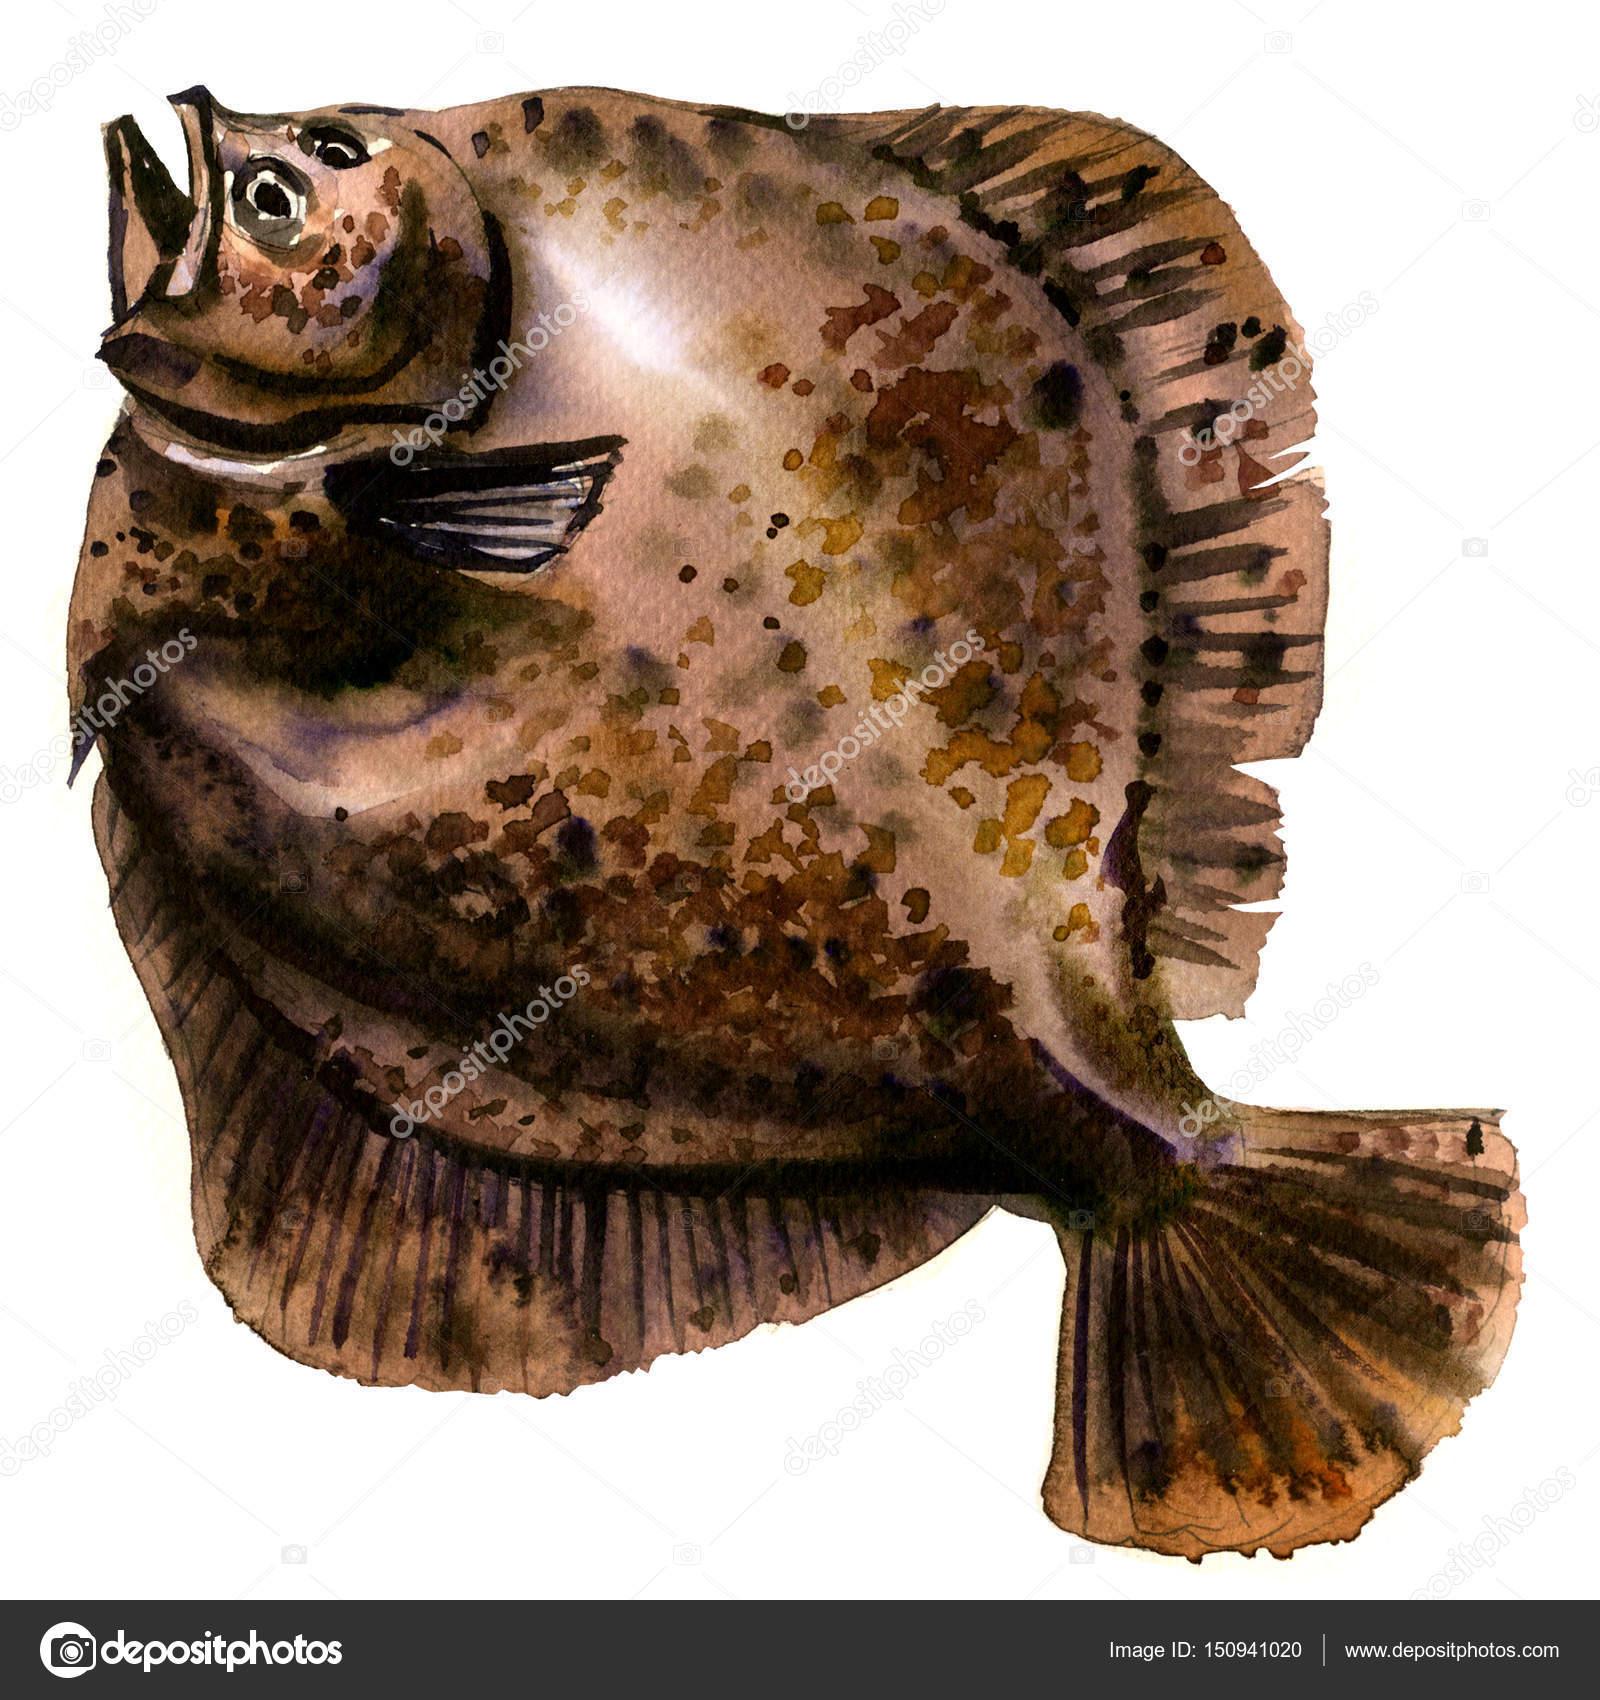 Dorar el pescado rodaballo entero crudo, platija, lenguado, lenguado ...